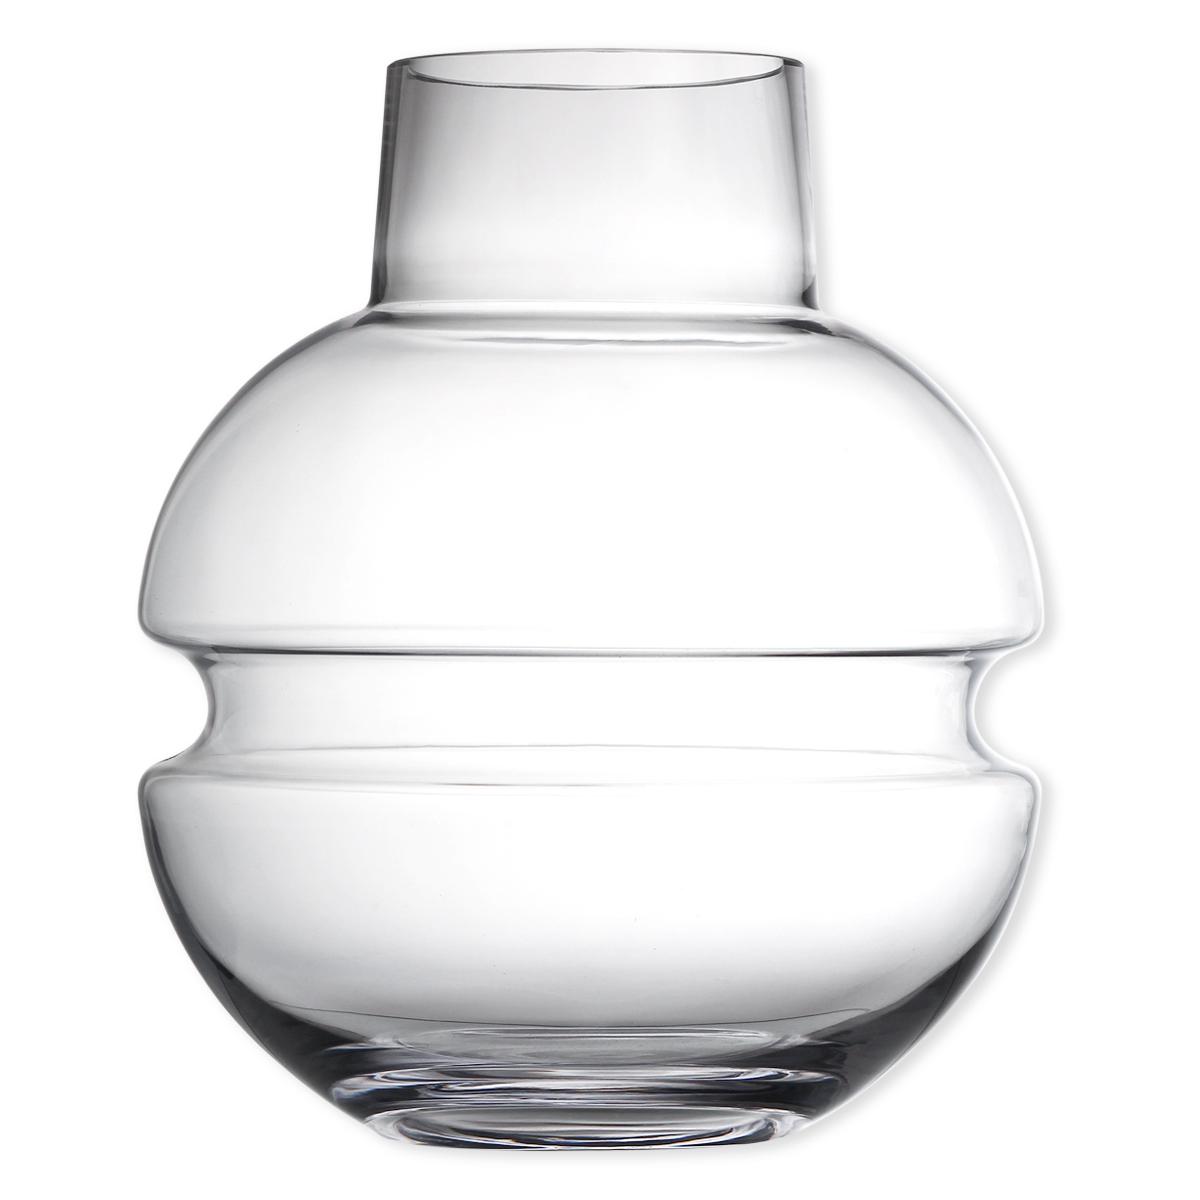 vase en verre souffl bouche 33cm vase d co design bruno evrard. Black Bedroom Furniture Sets. Home Design Ideas